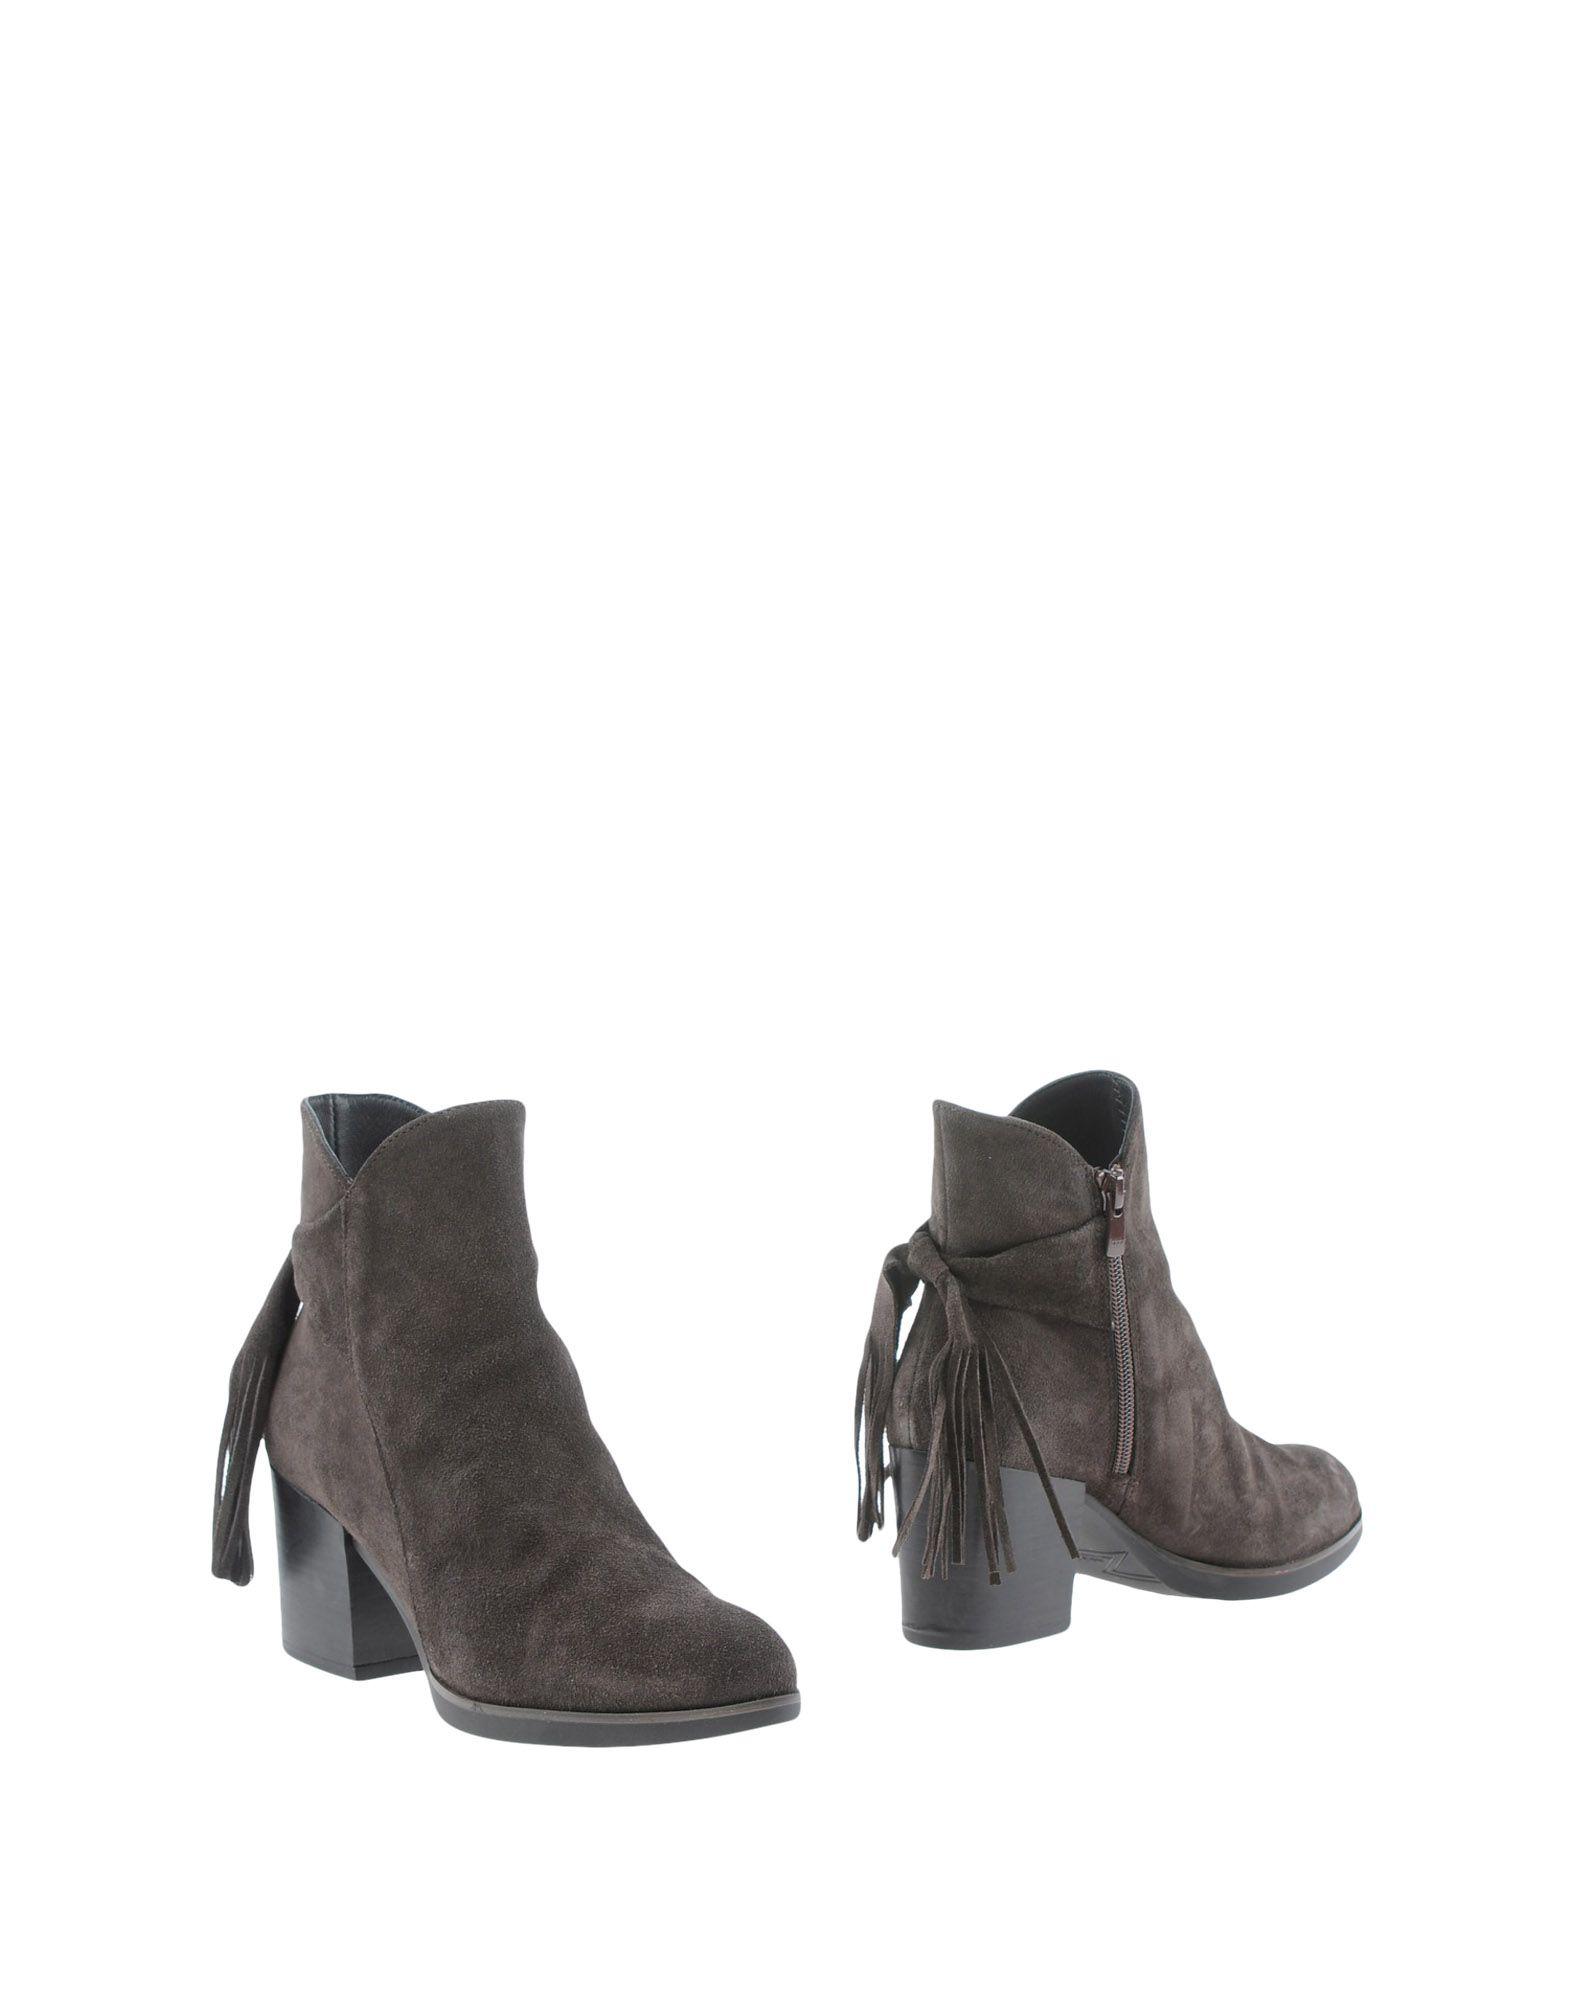 Gaimo Stiefelette Damen  11312362PP Gute Qualität beliebte Schuhe